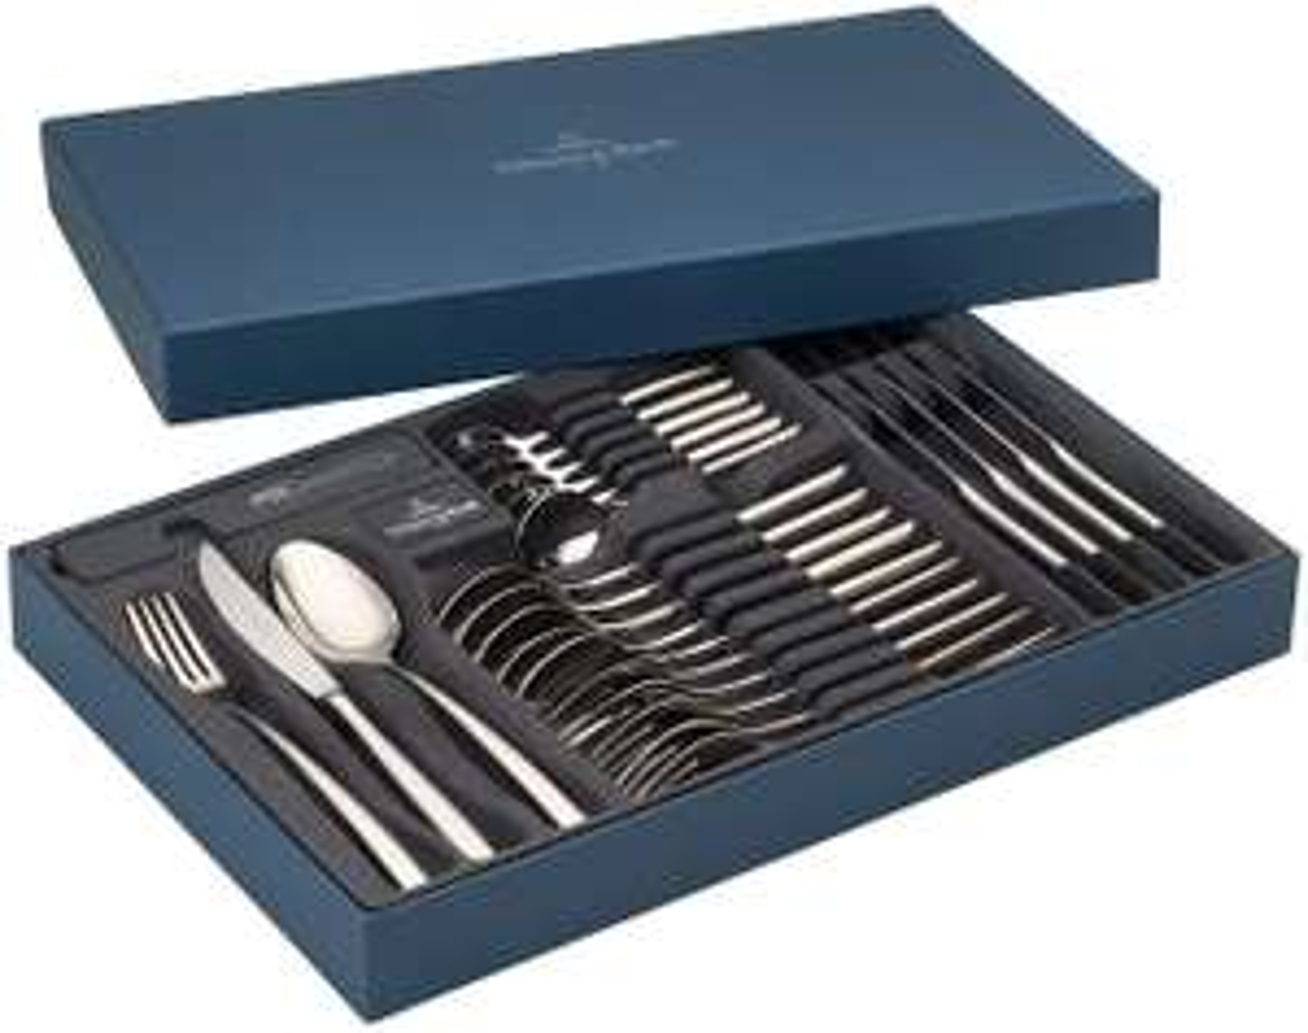 Villeroy & Boch Piemont Cutlery Set, 24 Pieces - £66.50 @ Amazon